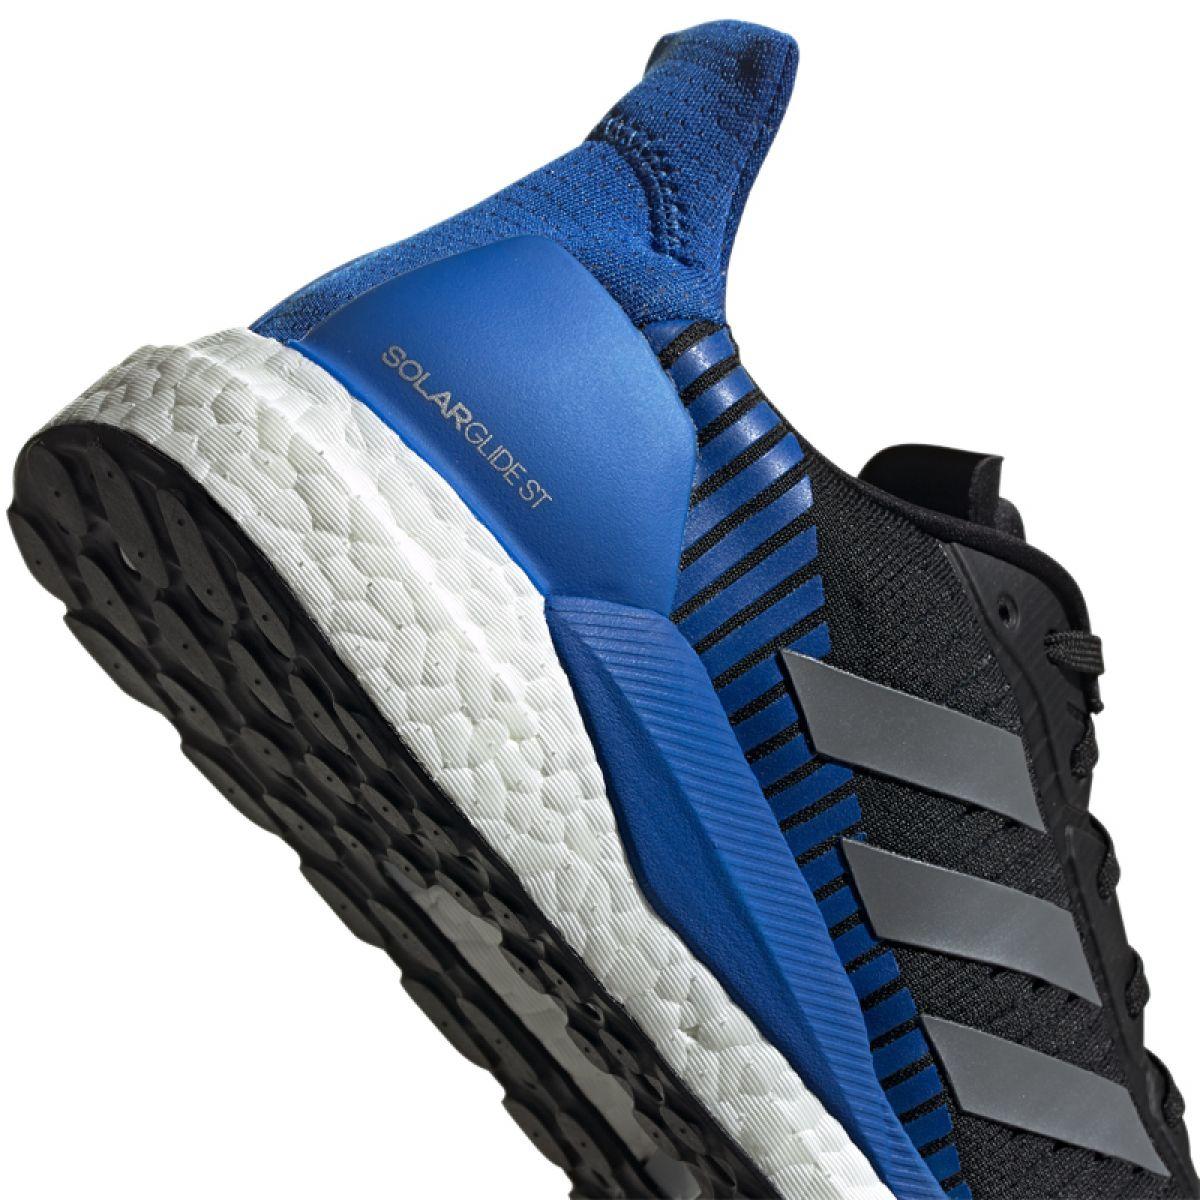 Adidas Solar Glide St 19 M F34098 cipő